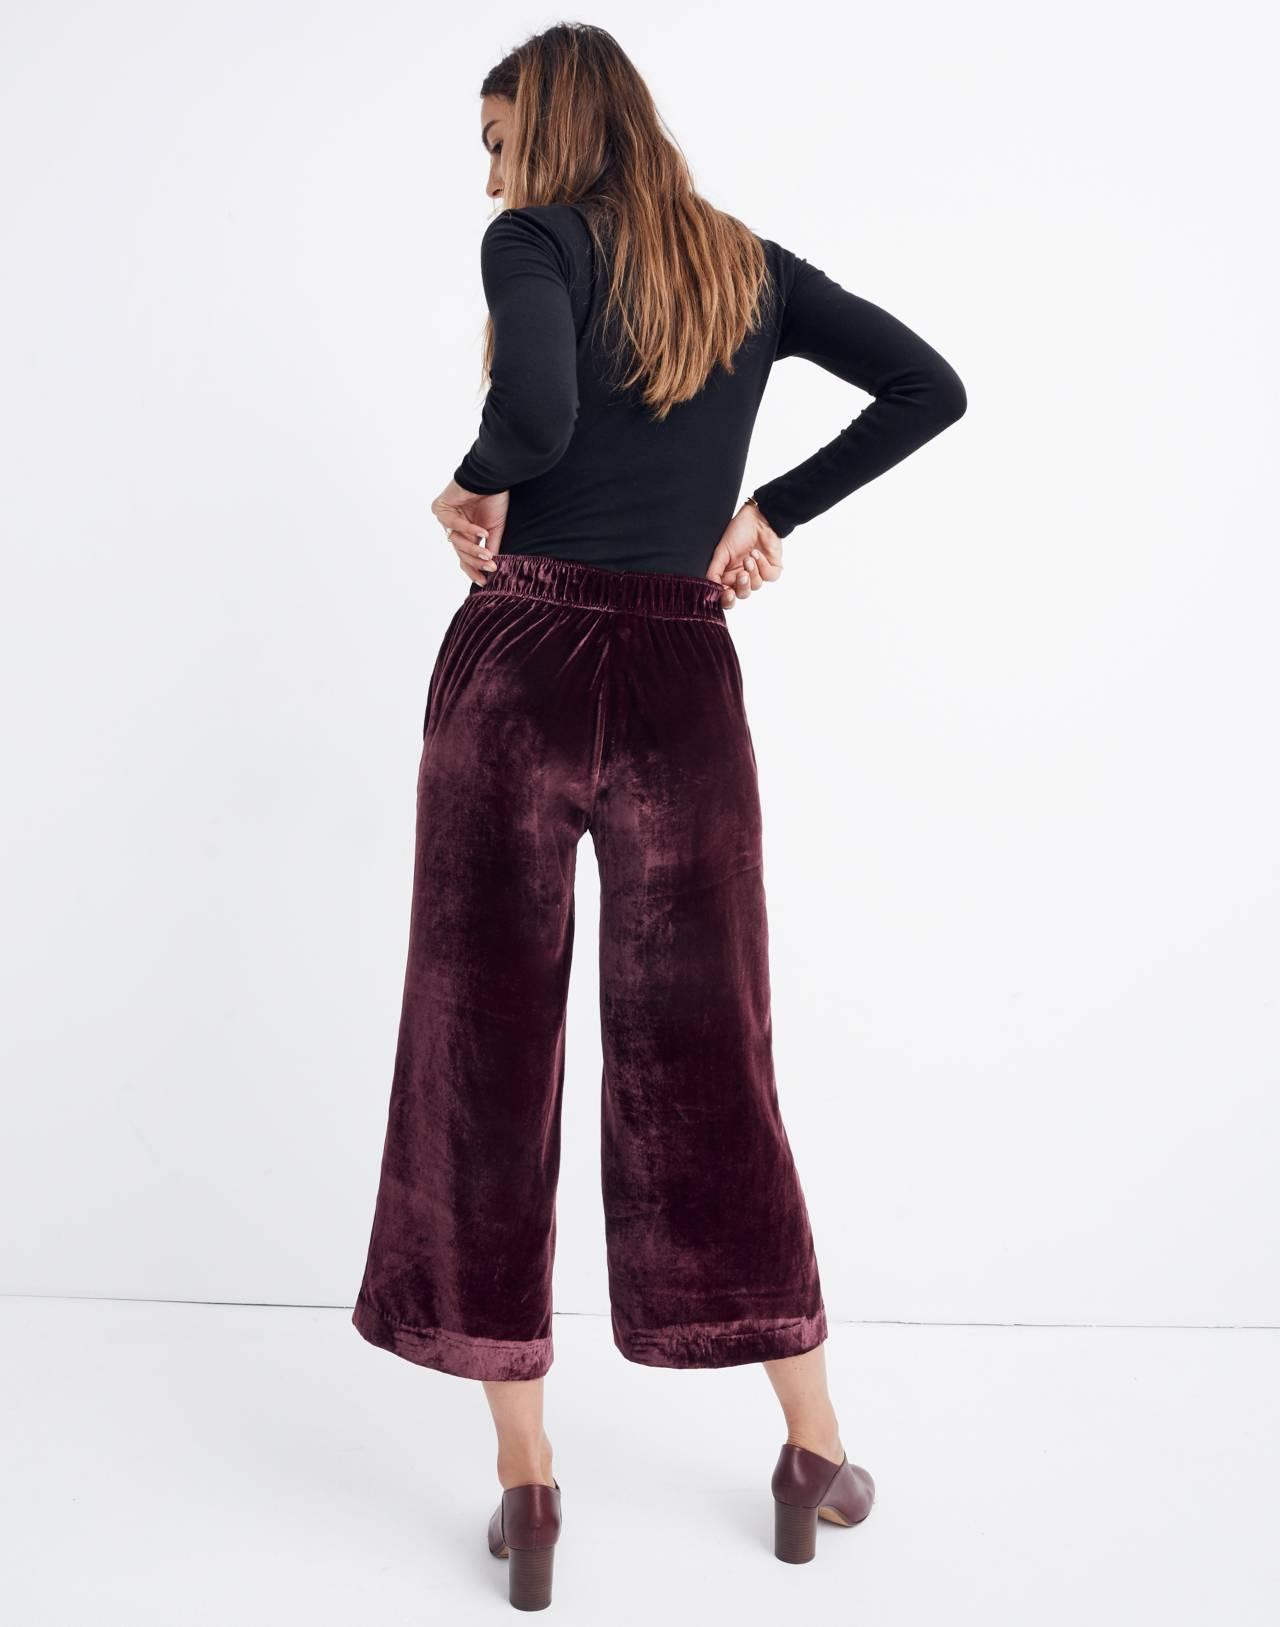 Velvet Huston Pull-On Crop Pants in pinot noir image 3